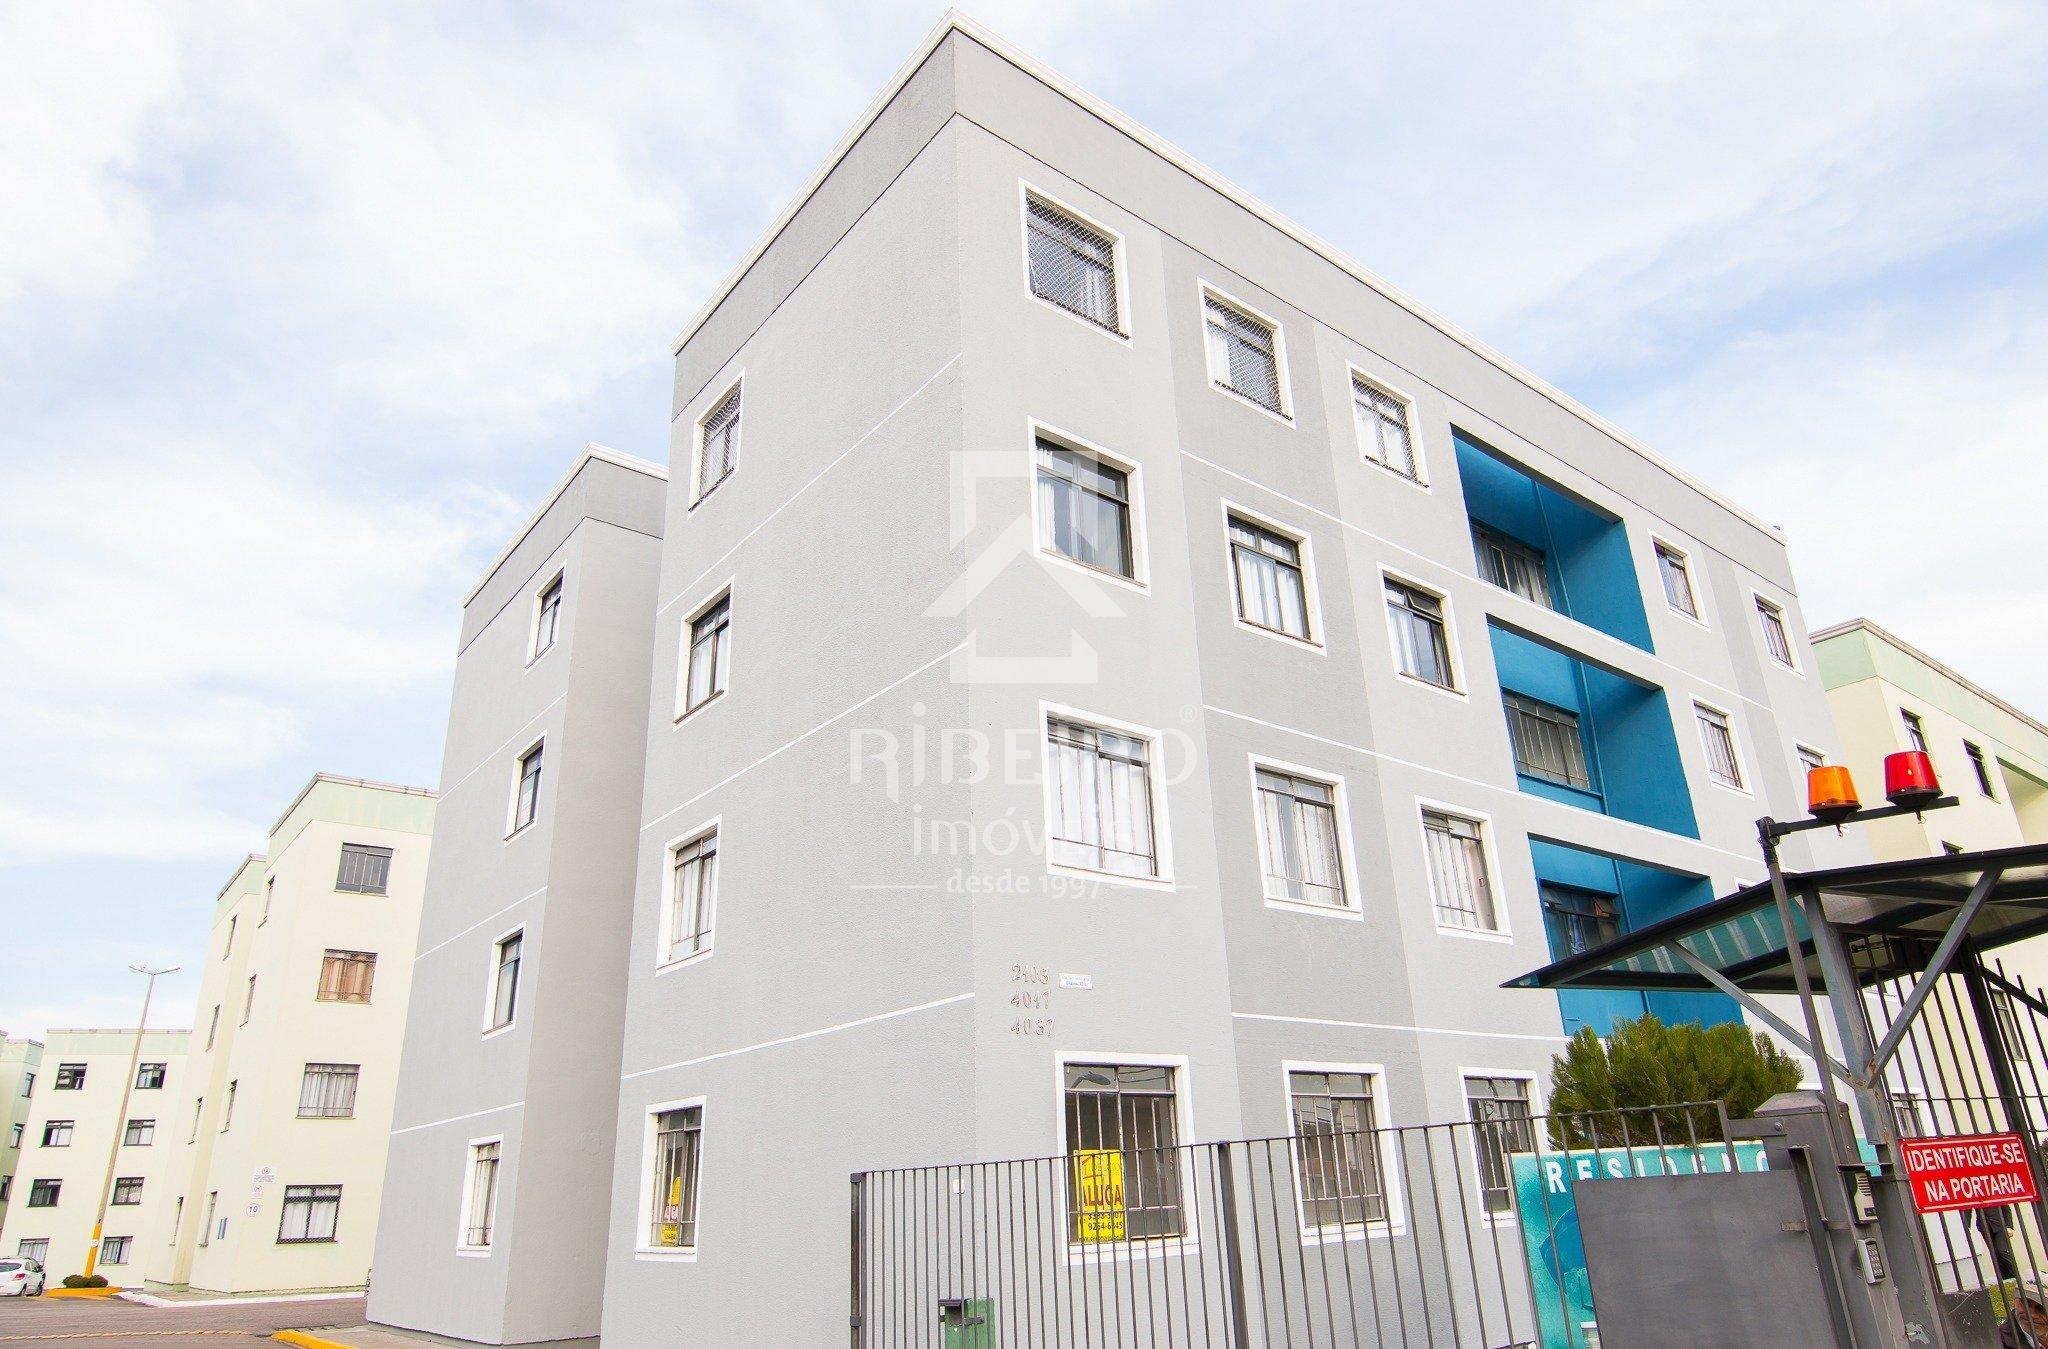 REF. 7836 -  São José Dos Pinhais - Rua  Tenente Djalma Dutra, 4017 - Apto 01 - Bl 04